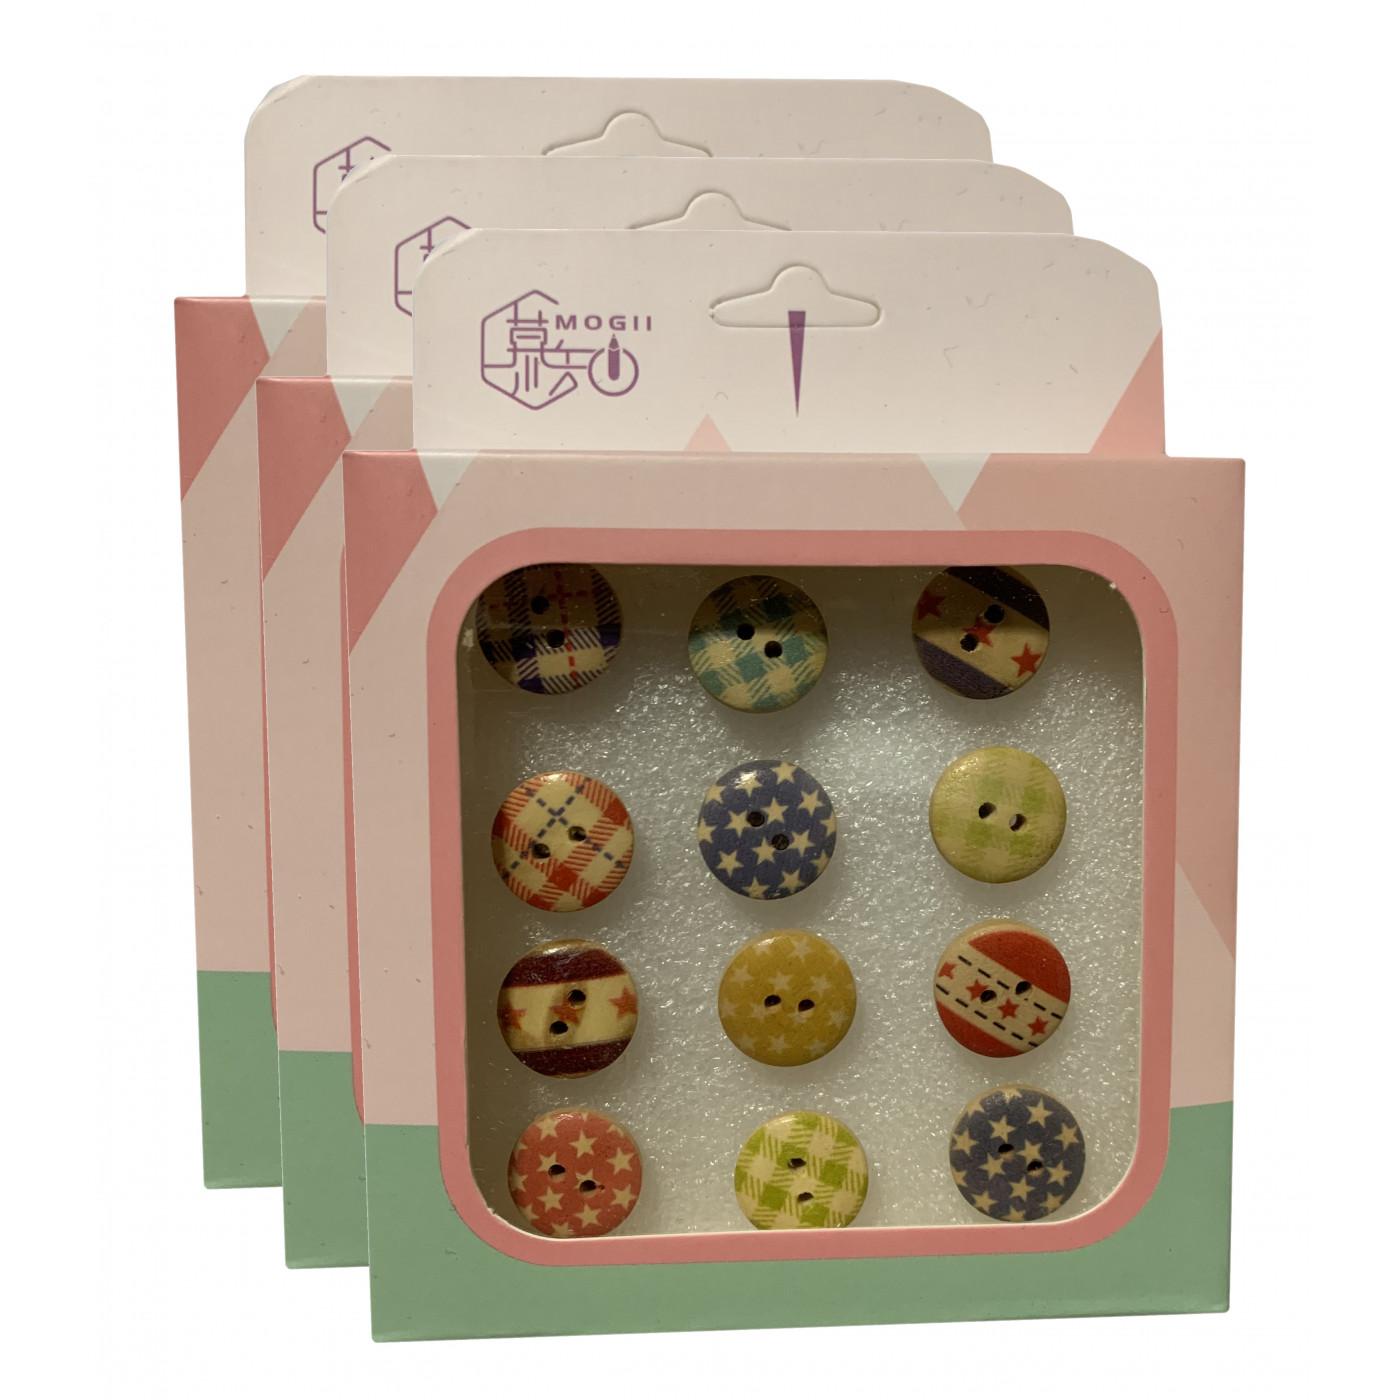 Set von 36 süßen Reißnägeln in Schachteln (Modell: kleine Knöpfe)  - 1